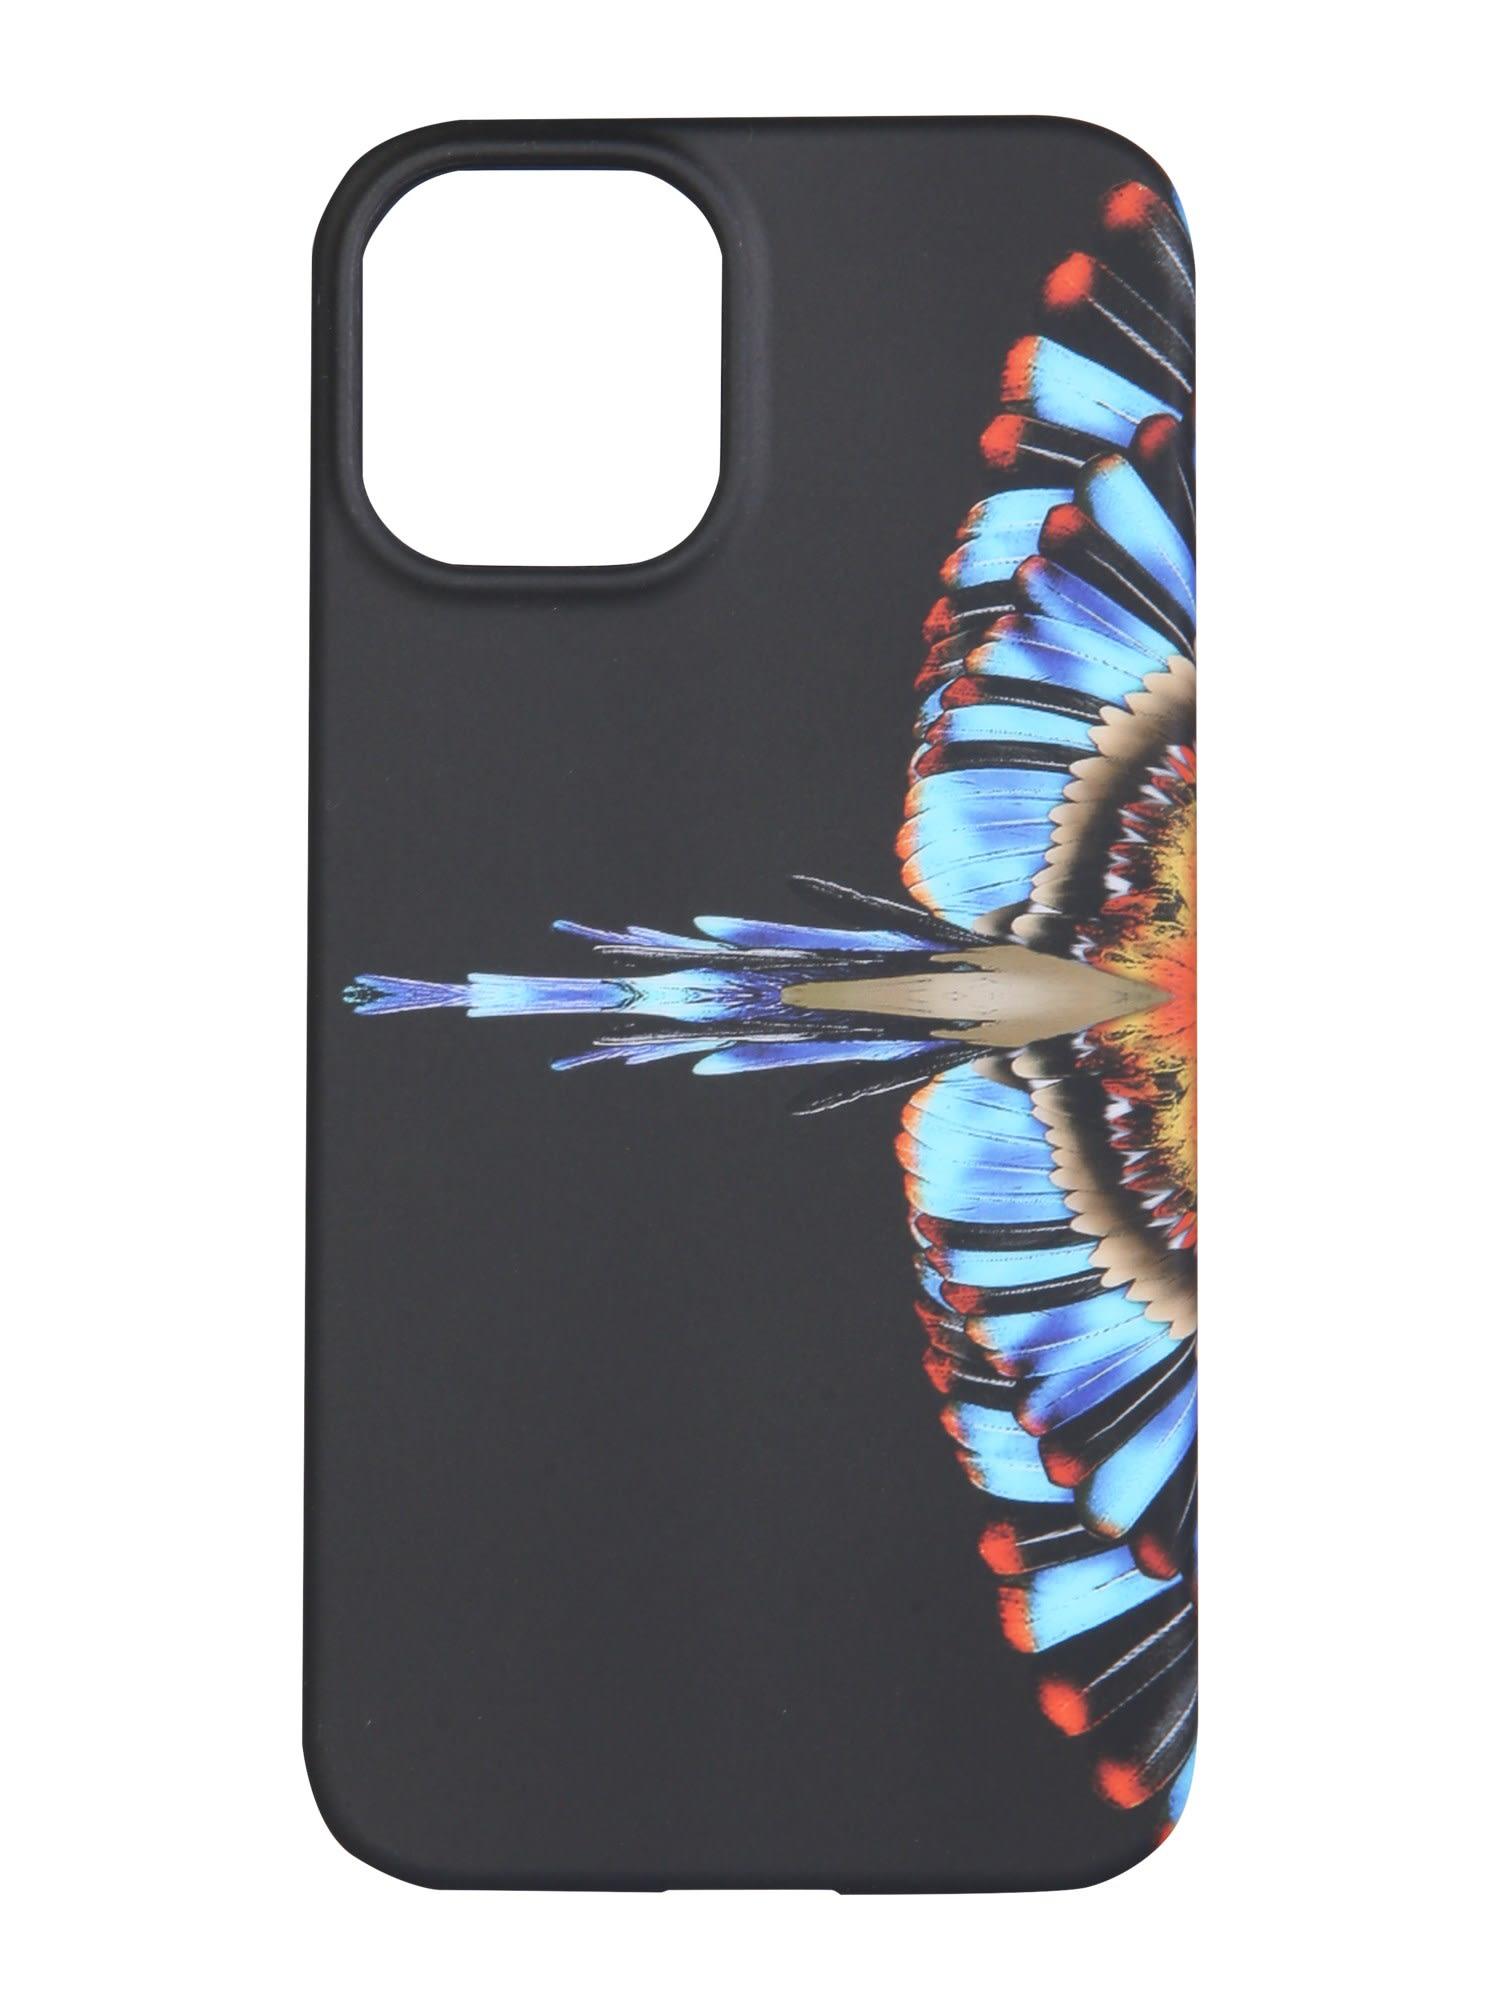 Mini Iphone 12 Case